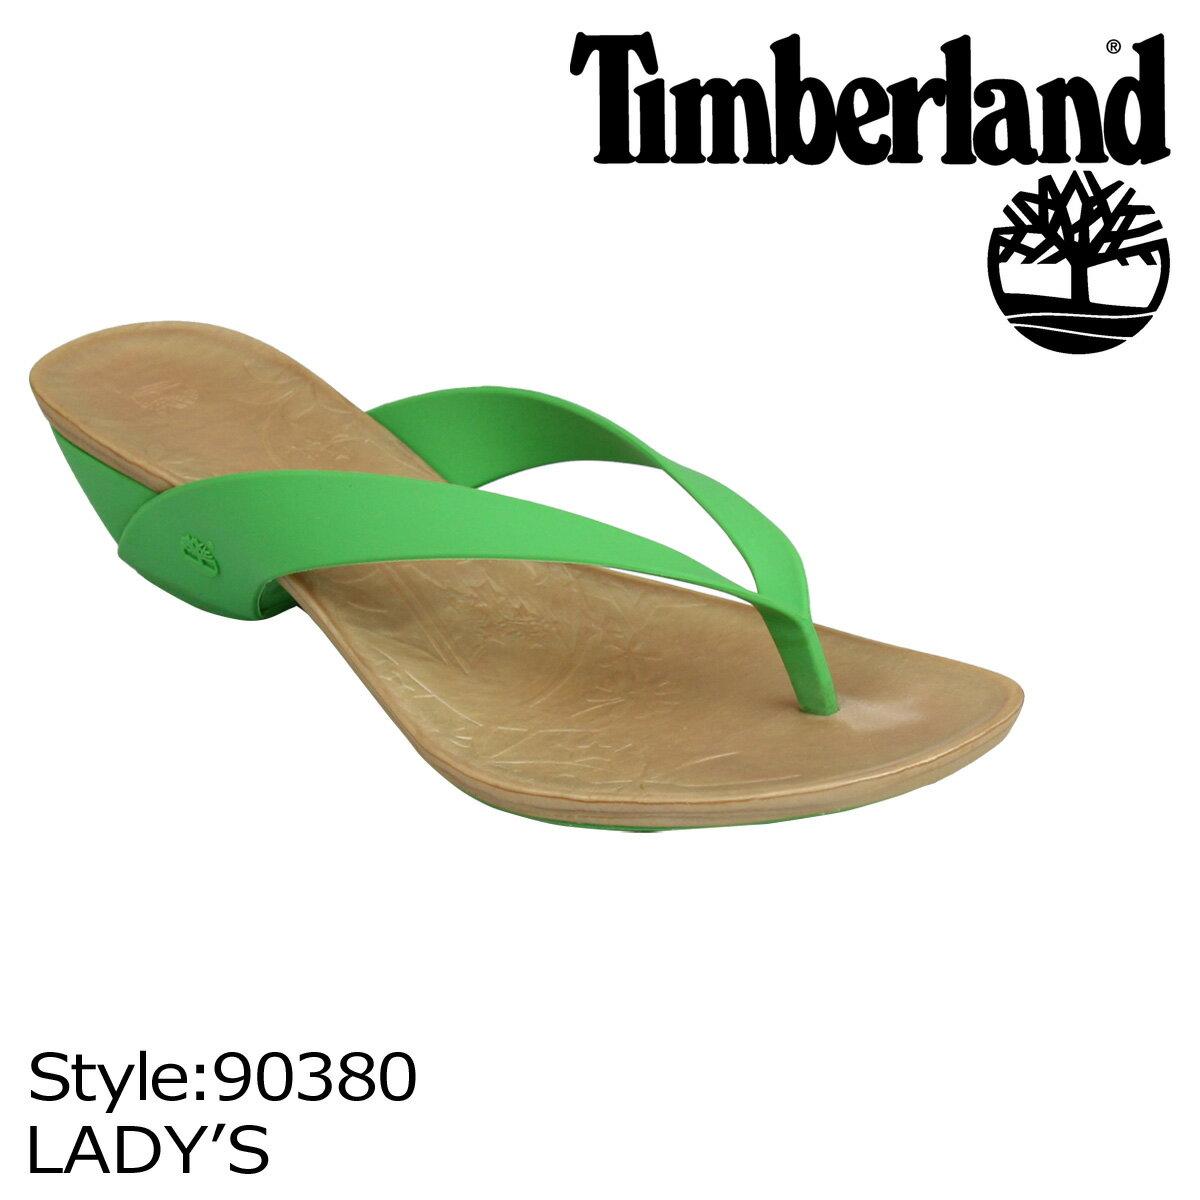 【訳あり】 ティンバーランド Timberland レディース WOMEN'S FLIRTATIOUS THONG サンダル トングサンダル 90380 グリーン [S50] [返品不可]